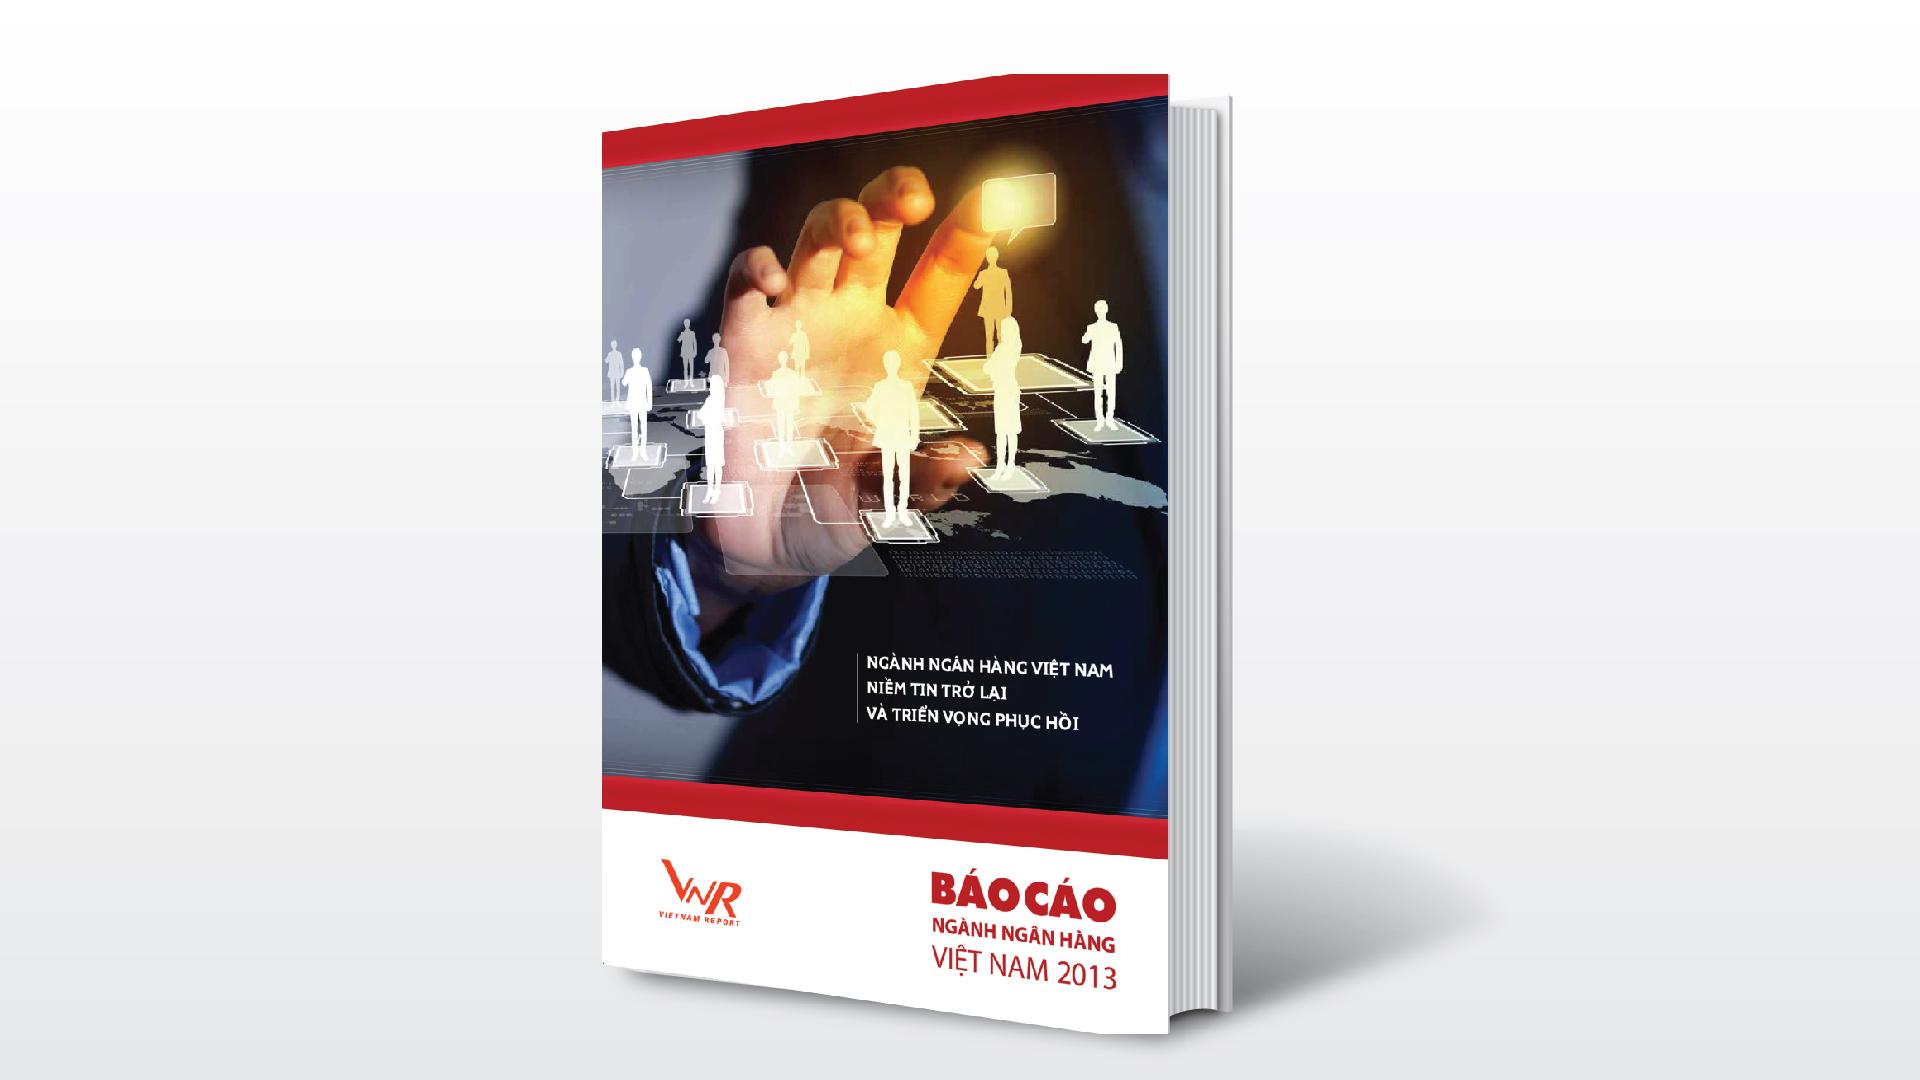 29/11/2013: Báo cáo ngành Ngân hàng 2013: Niềm tin trở lại và triển vọng phục hồi